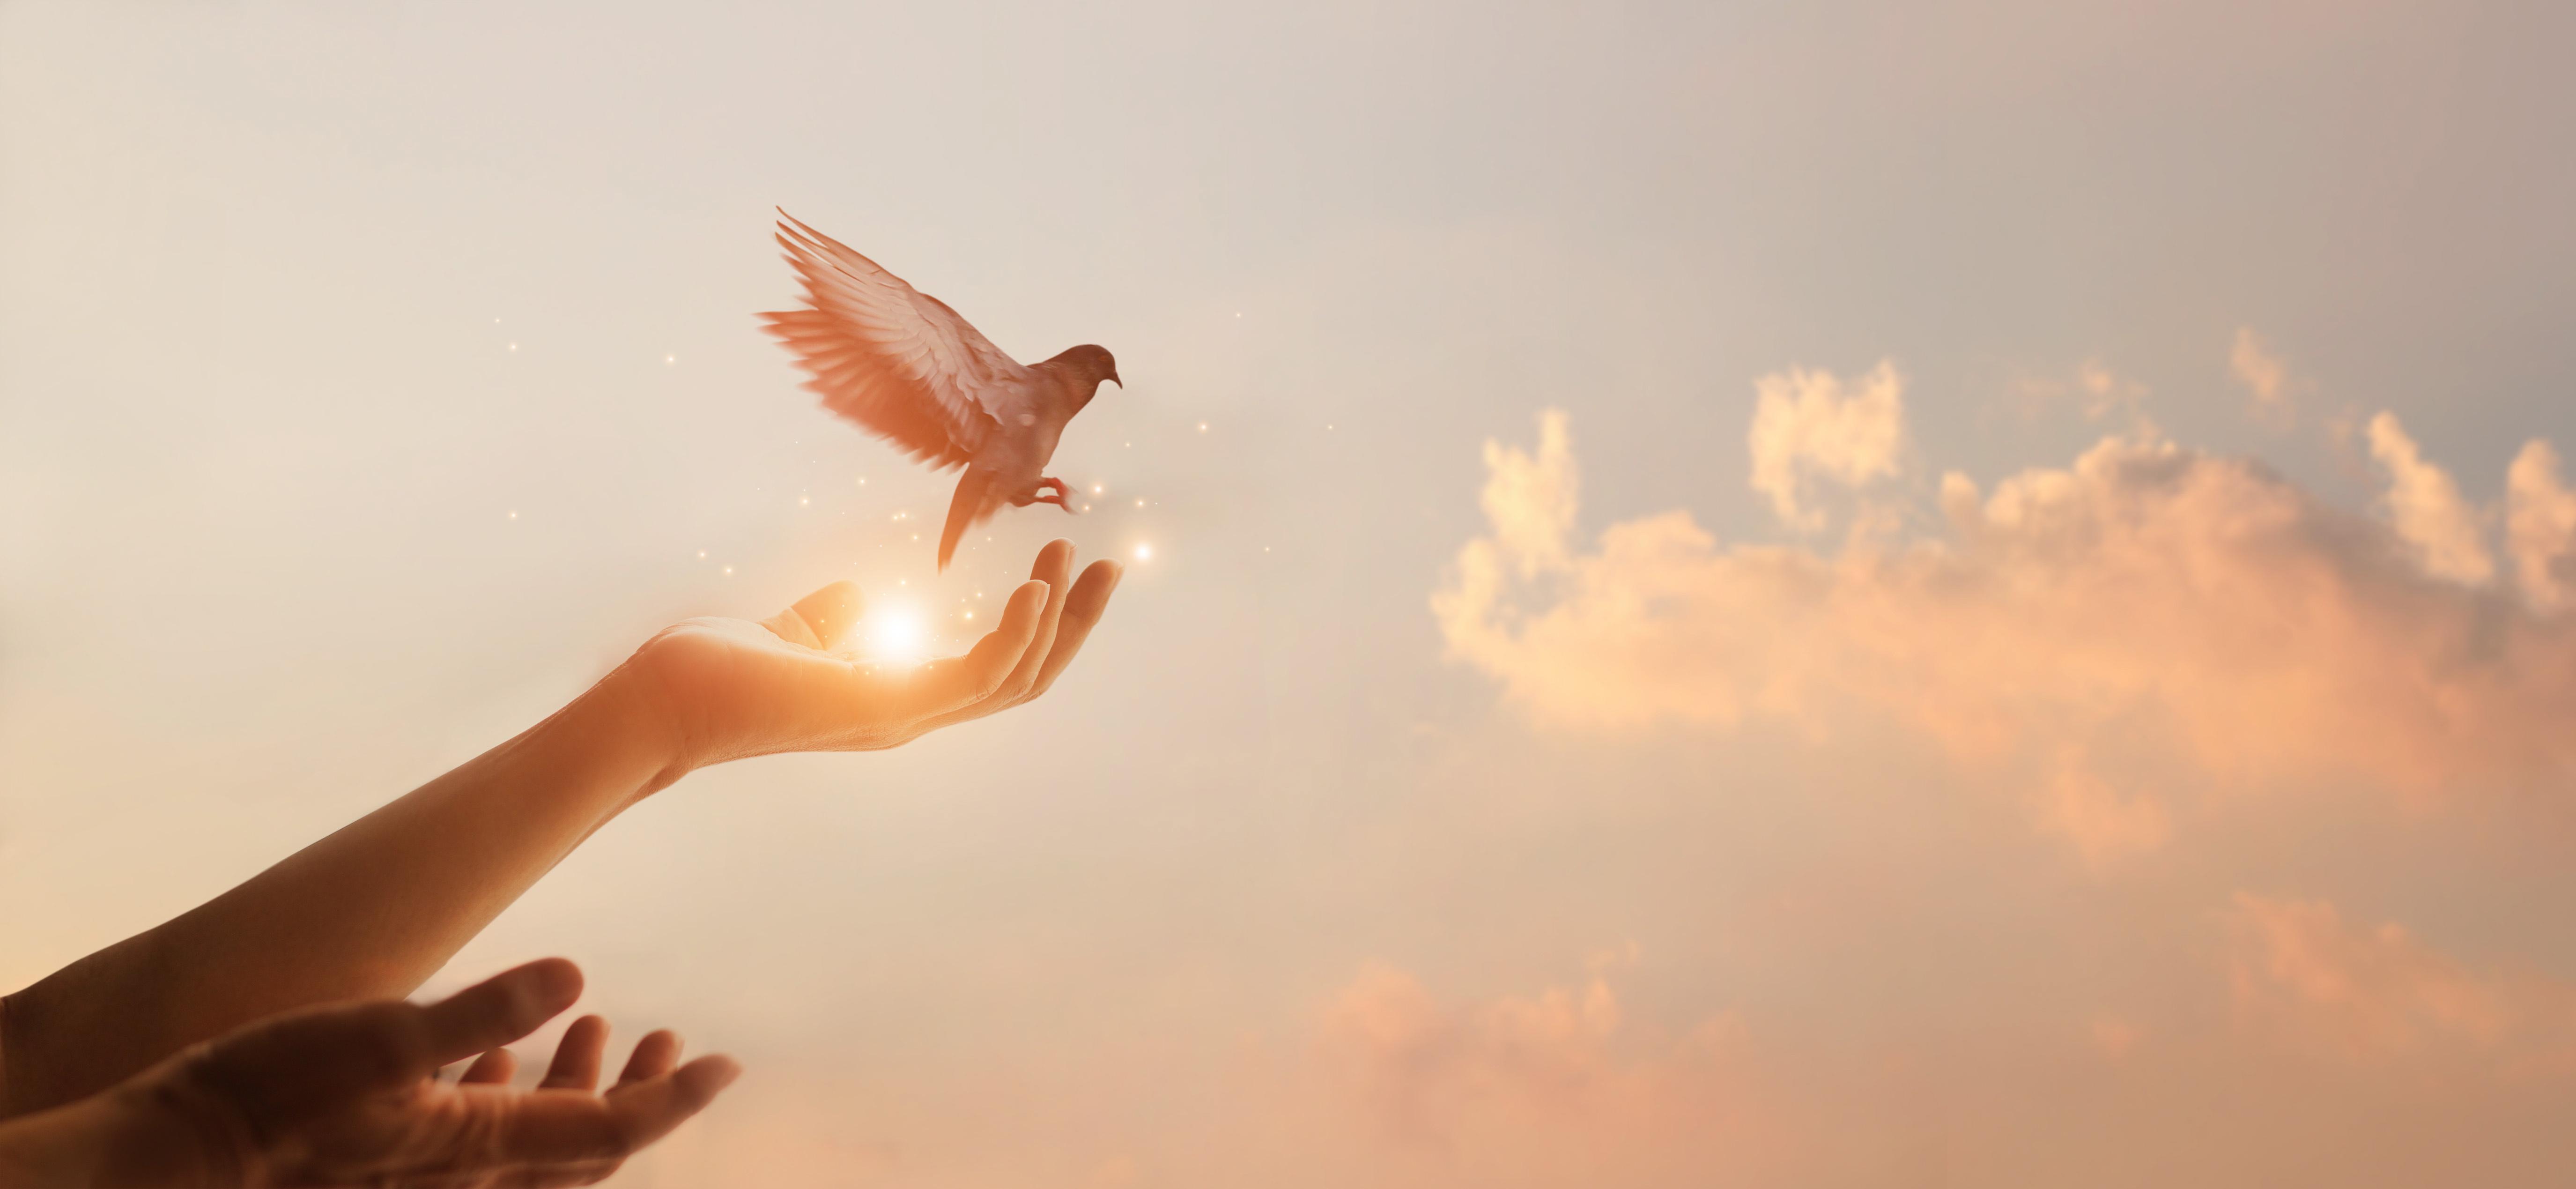 Imagem espírito santo sendo elevado aos céus